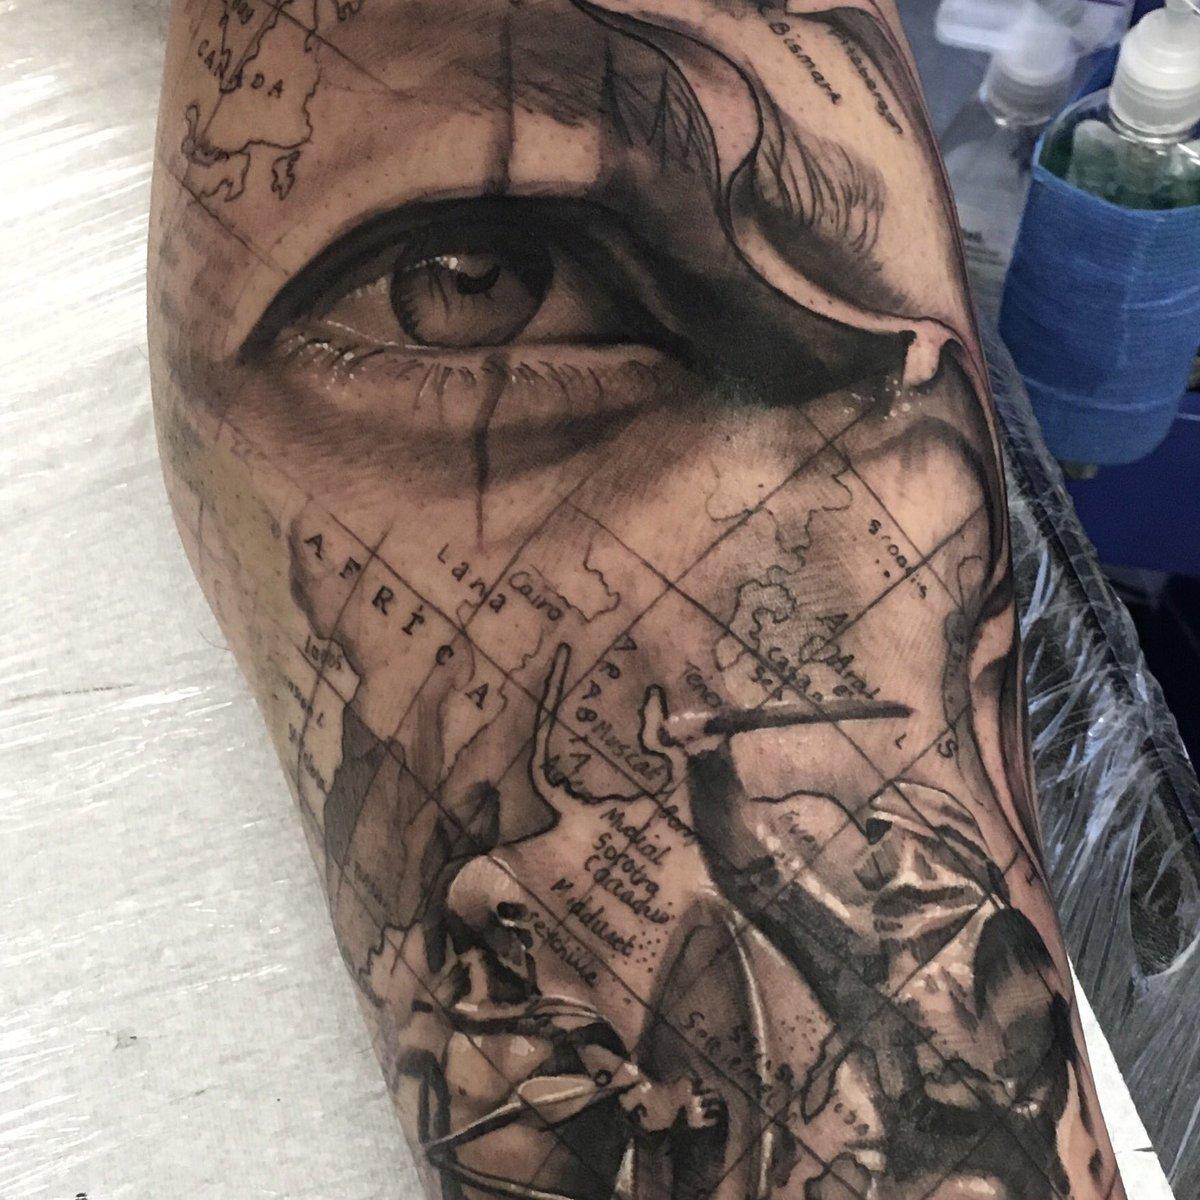 Life & Death Tattoos (@lifedeathtattoo)